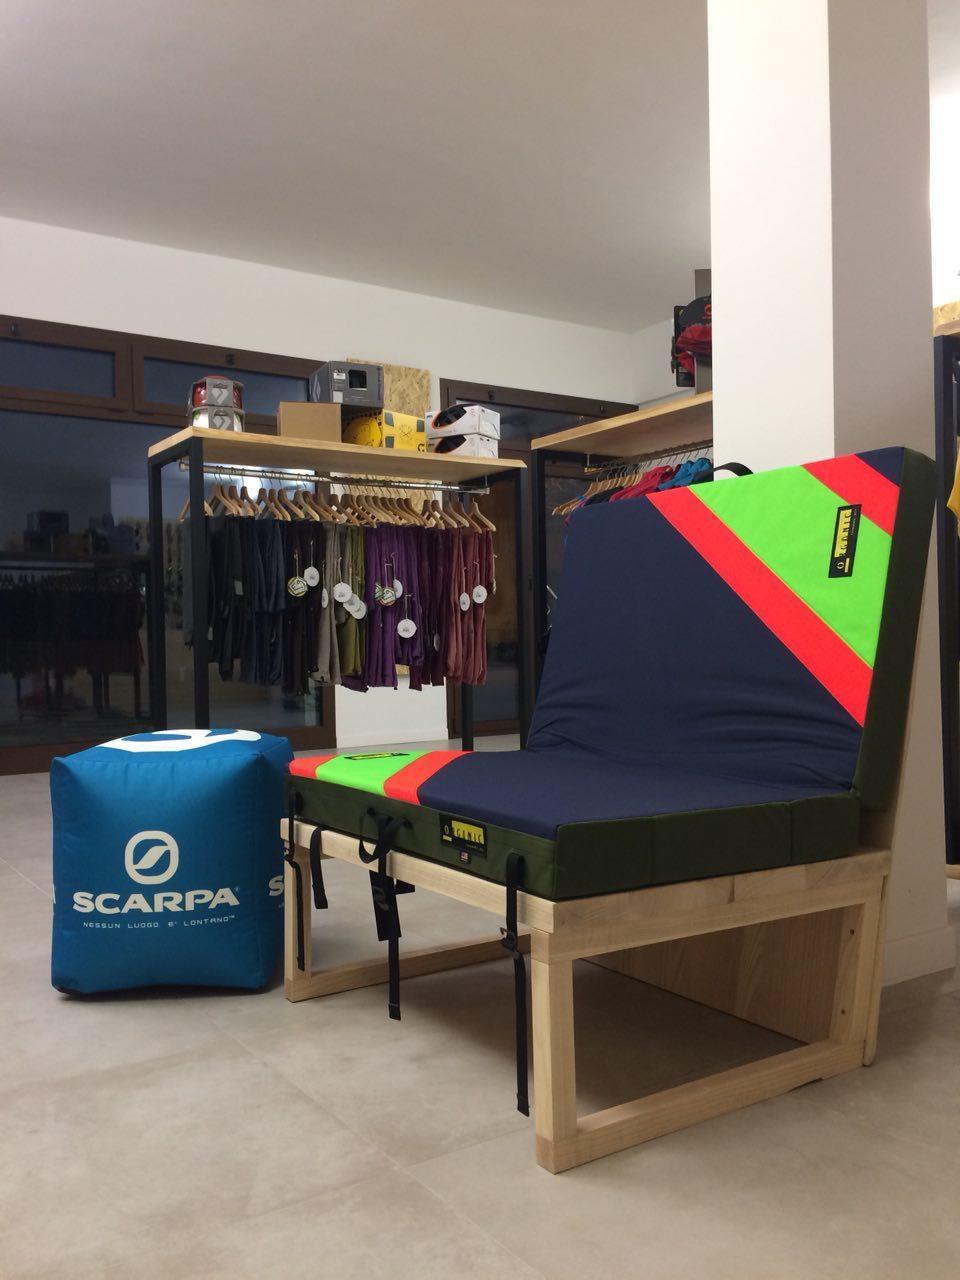 Oliunìd Shop Padova: nuovo negozio arrampicata